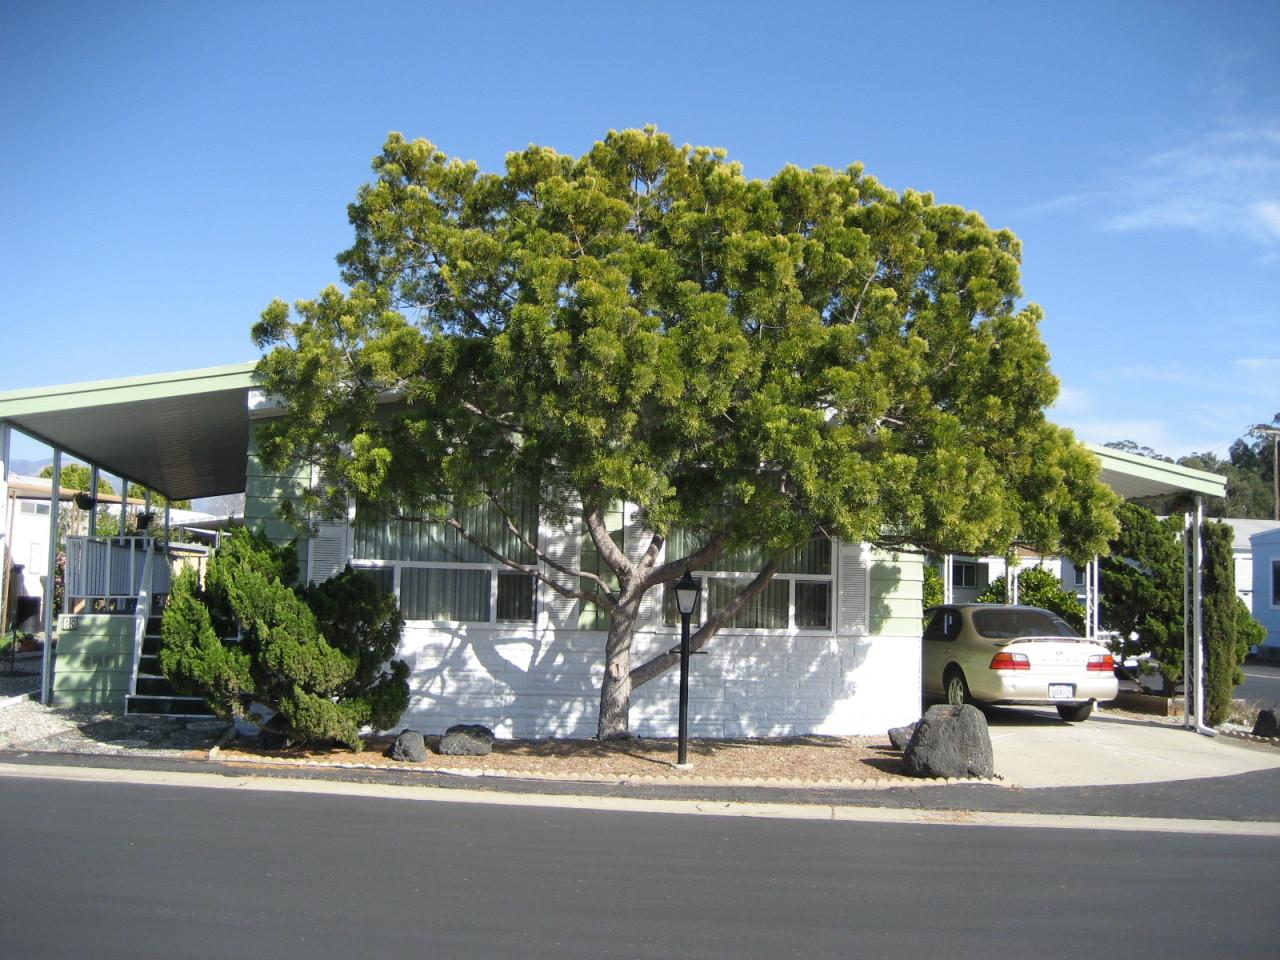 Property photo for 945 Ward Dr #30 Santa Barbara, California 93111 - 12-596